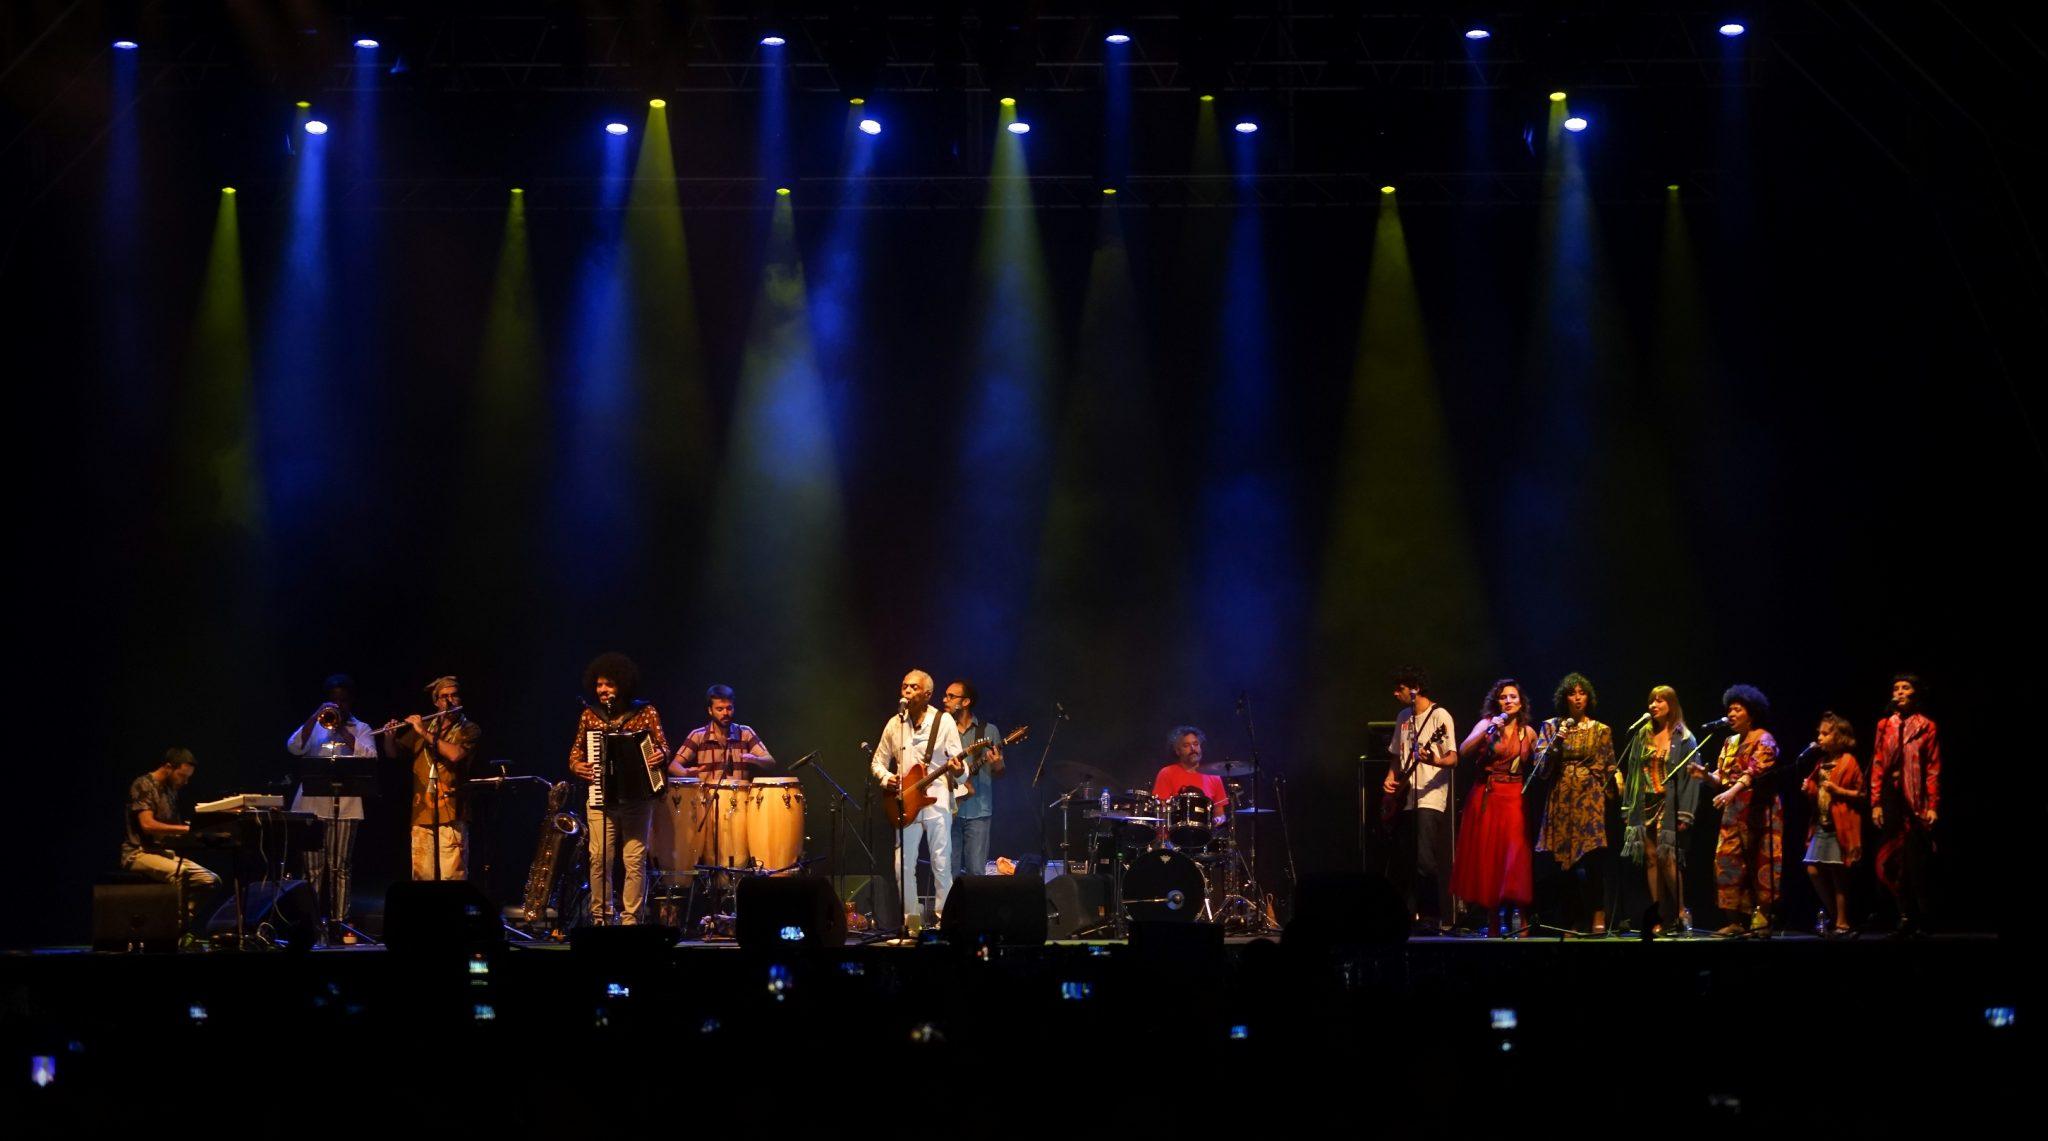 Vista geral do palco no concerto Revafela 40 com o músico Gilberto Gil ao centro, vestido de branco